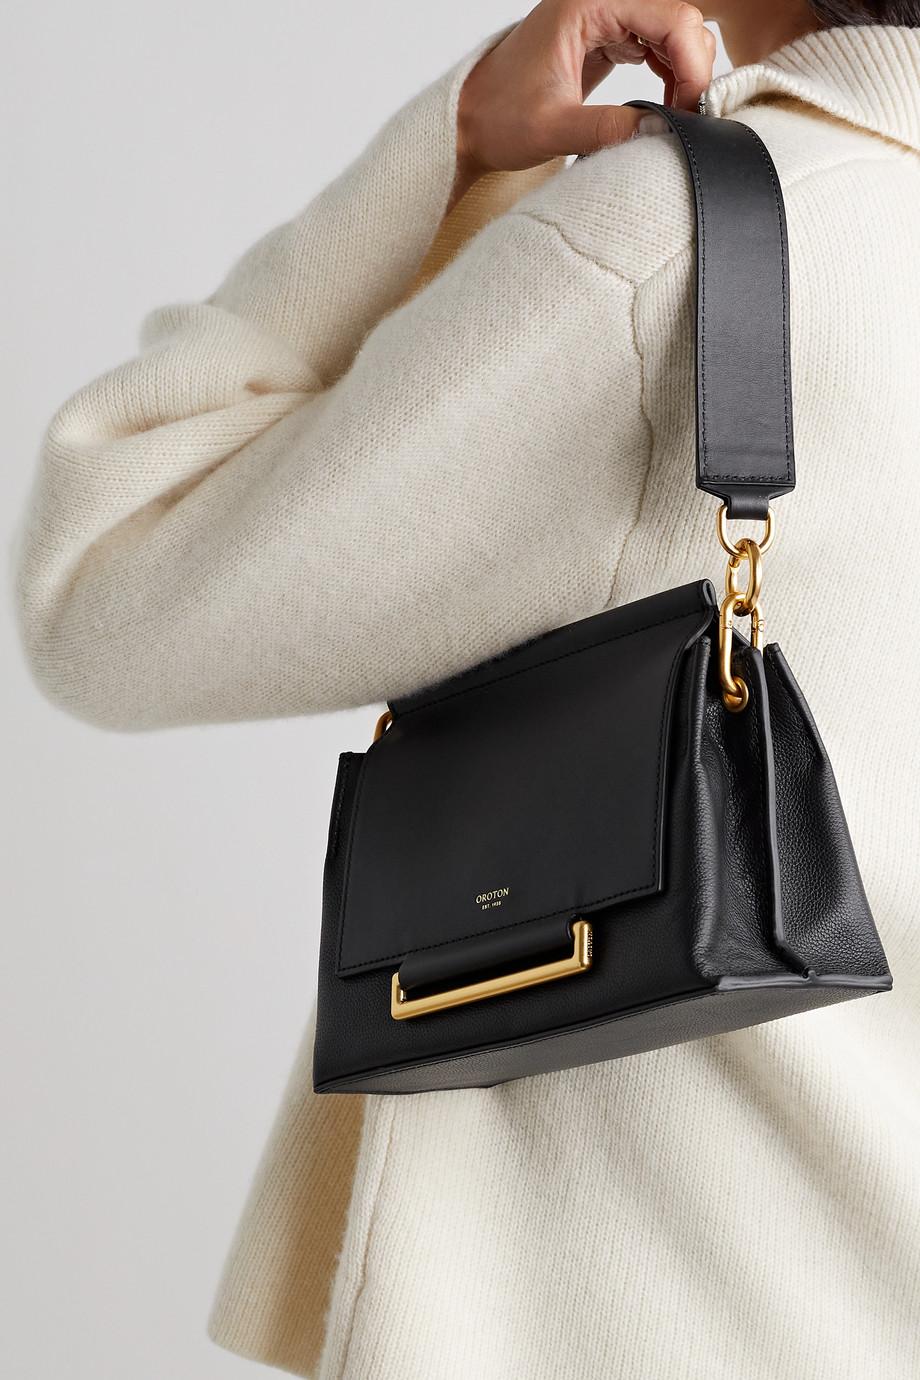 Oroton Elm leather shoulder bag